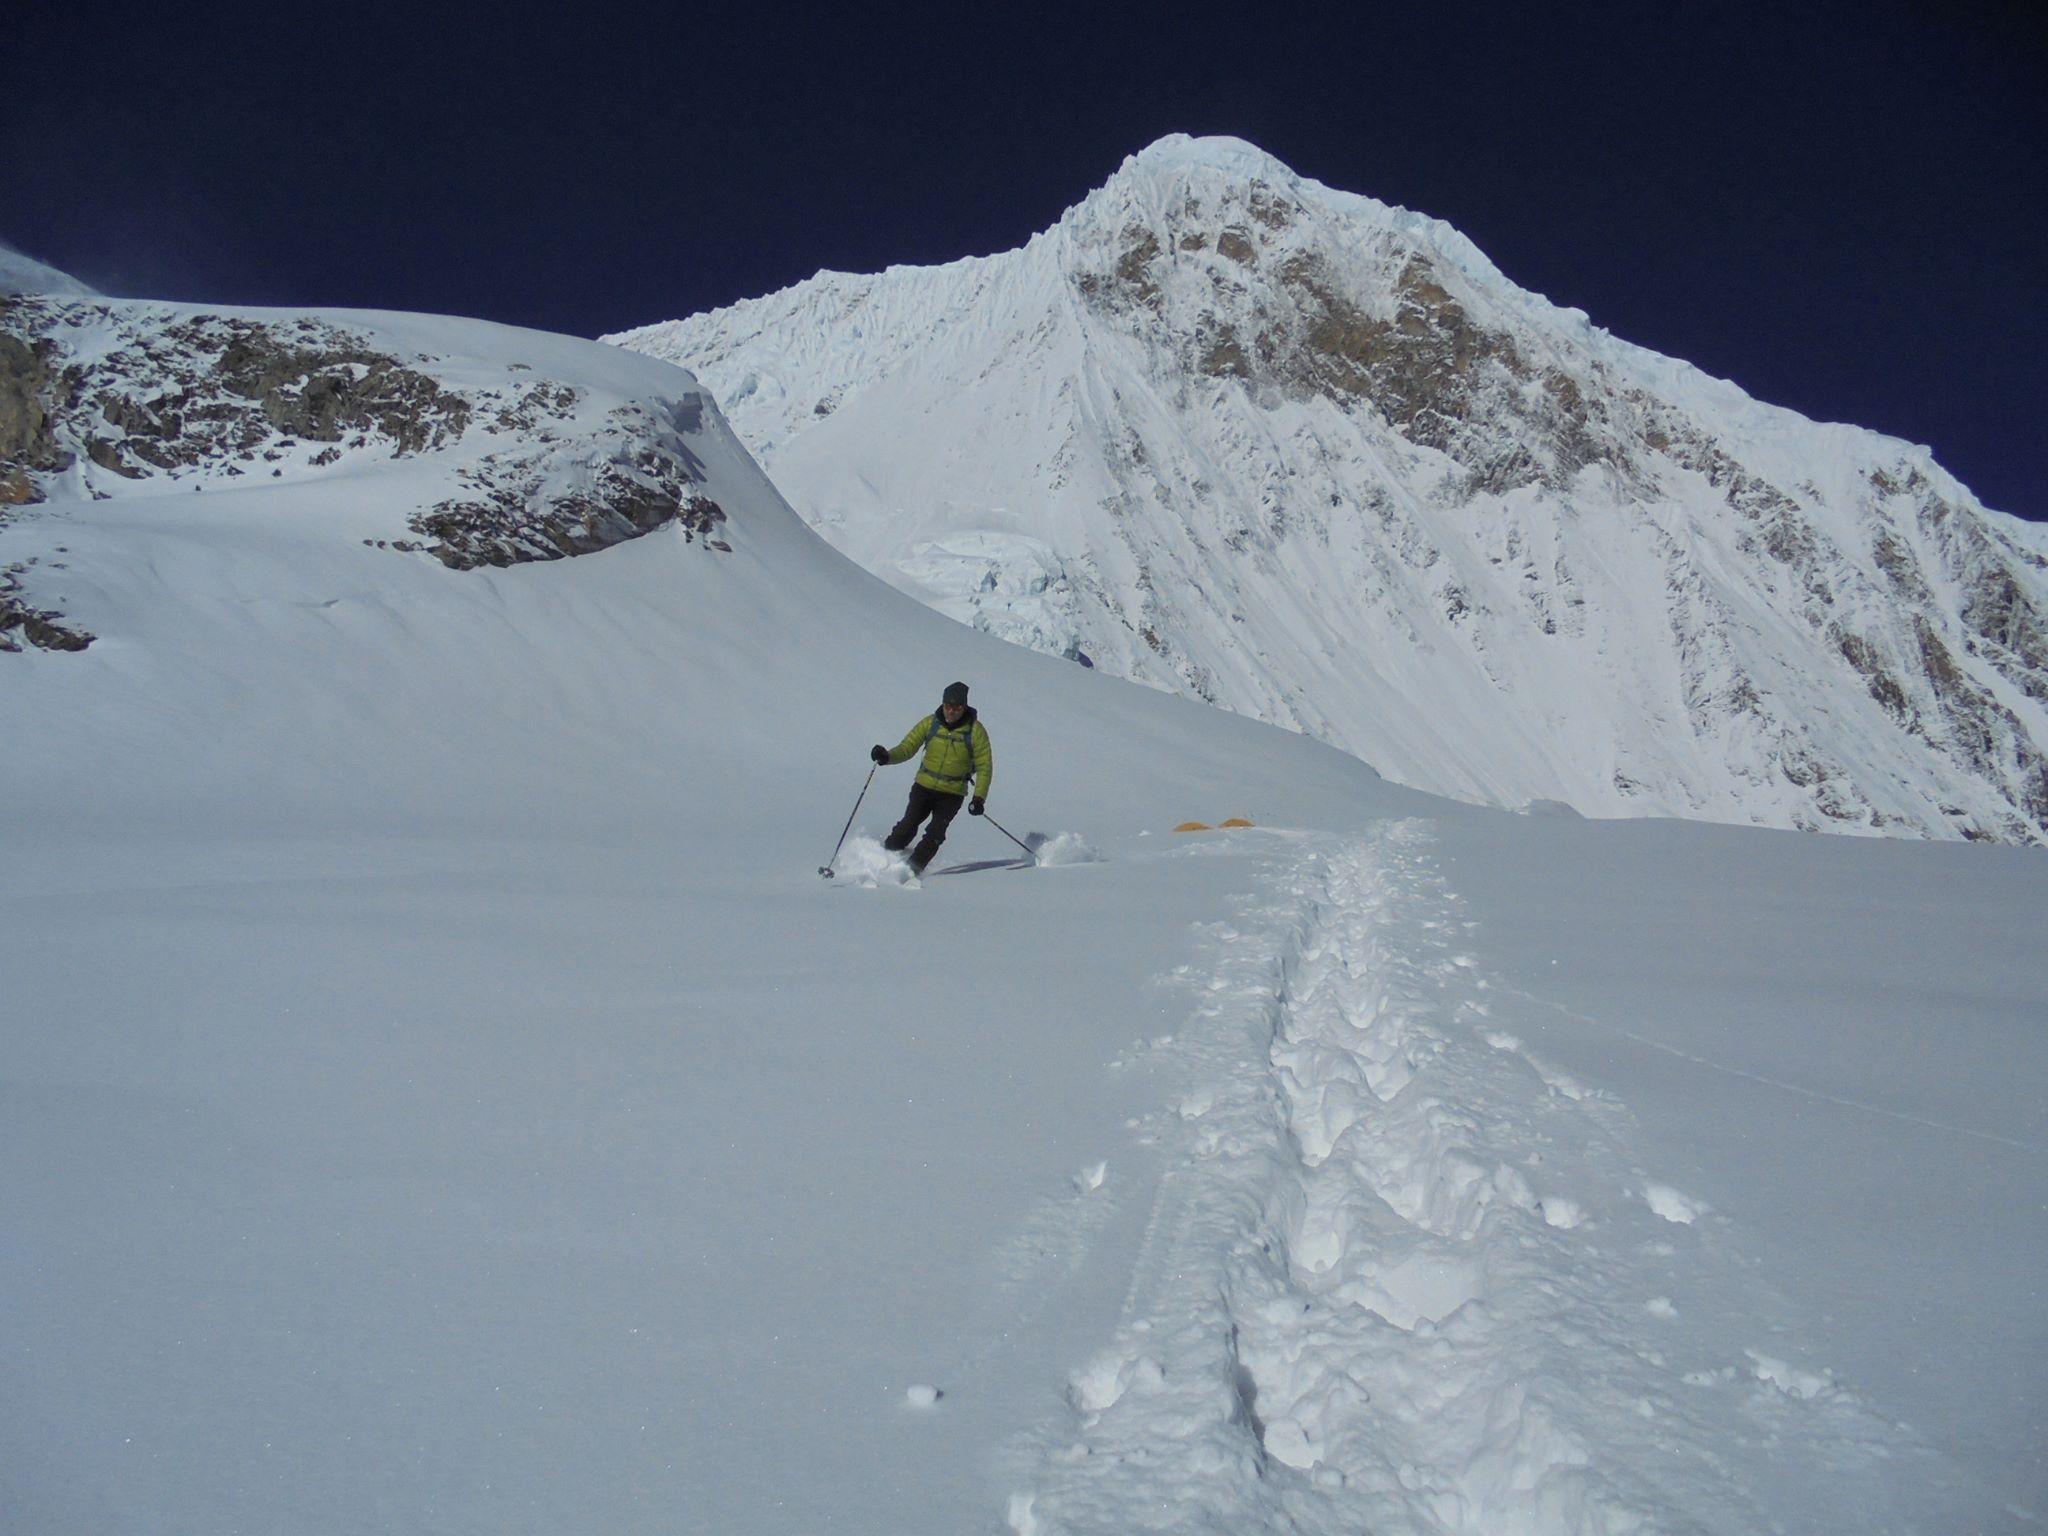 Egy himalájai hegyóriás érintetlen porhavas lejtőjén útban az alaptáborhoz (Manaszlu) Forrás: Wetzl Péter